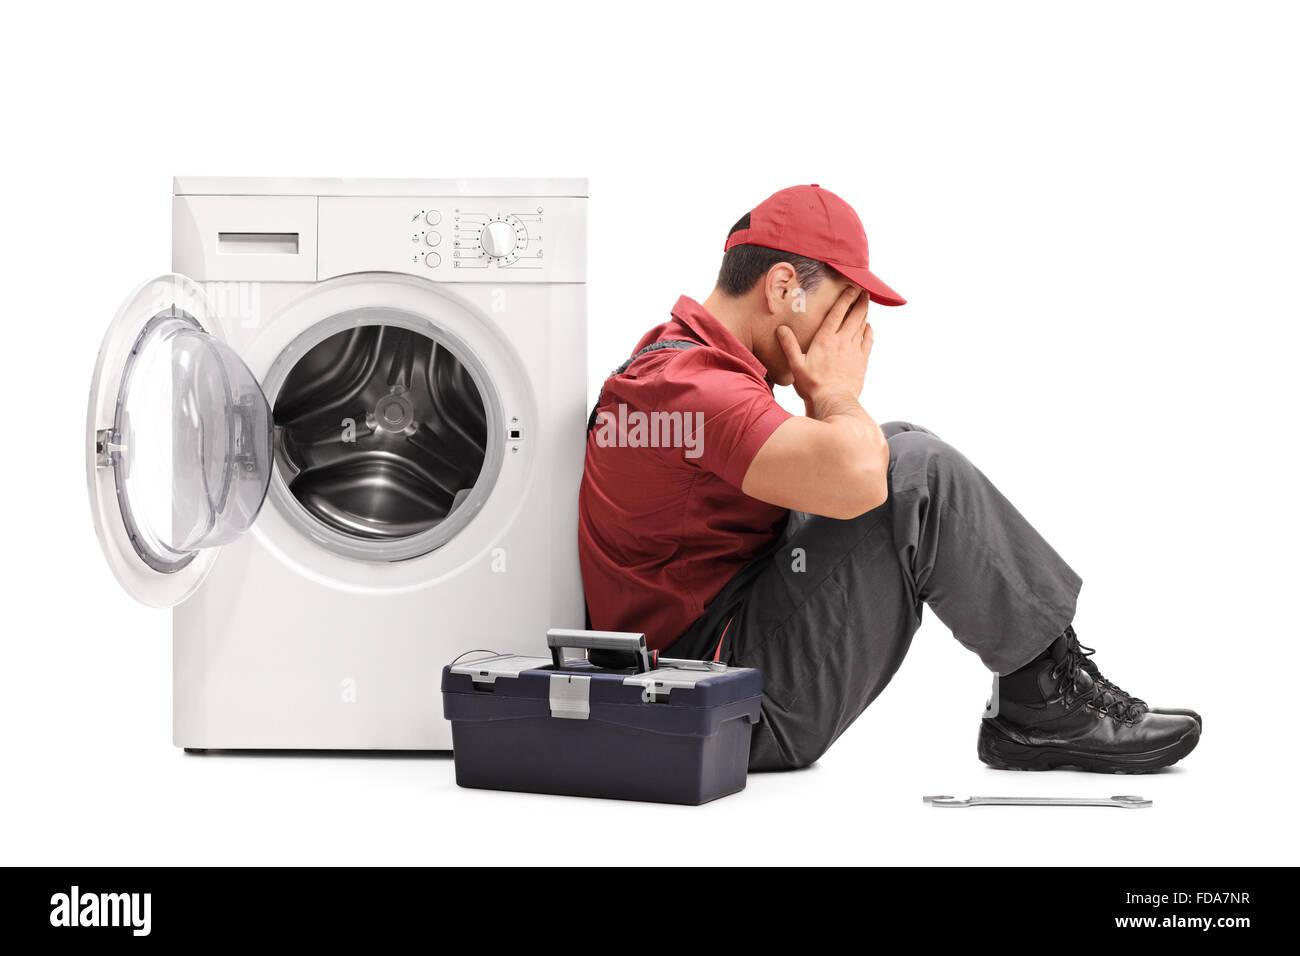 Studioaufnahme von einem enttäuscht junge Handwerker sitzen durch eine kaputte Waschmaschine isoliert auf weißem Hintergrund Stockfoto